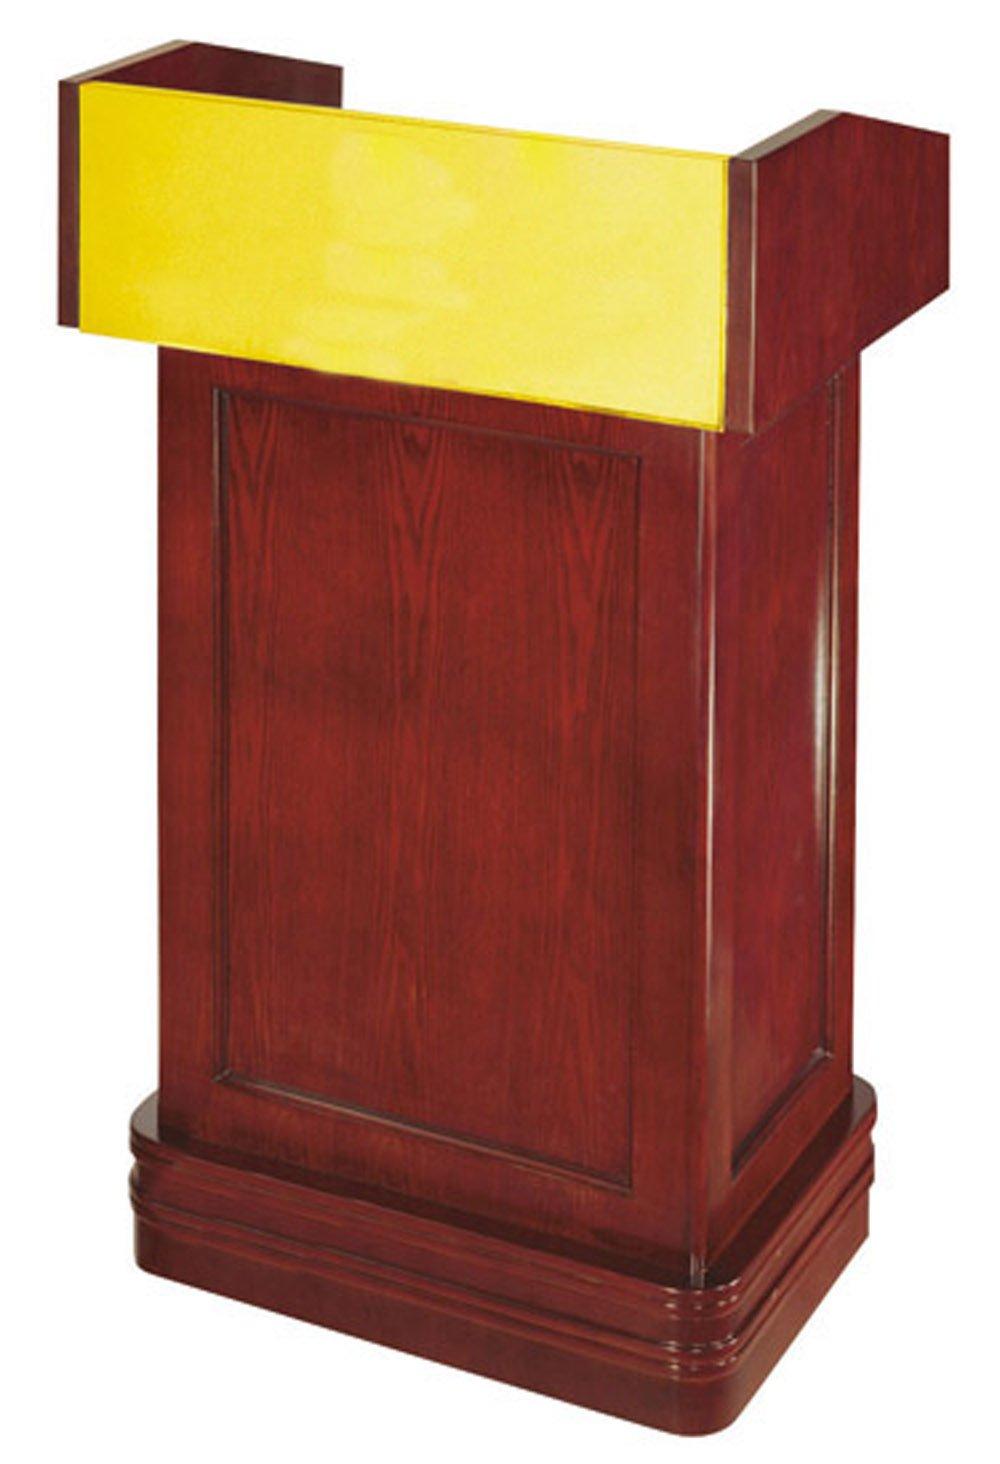 南方 演讲台 咨客台 讲台桌 迎宾台 讲话台 演讲桌 接待台带抽屉 铜木